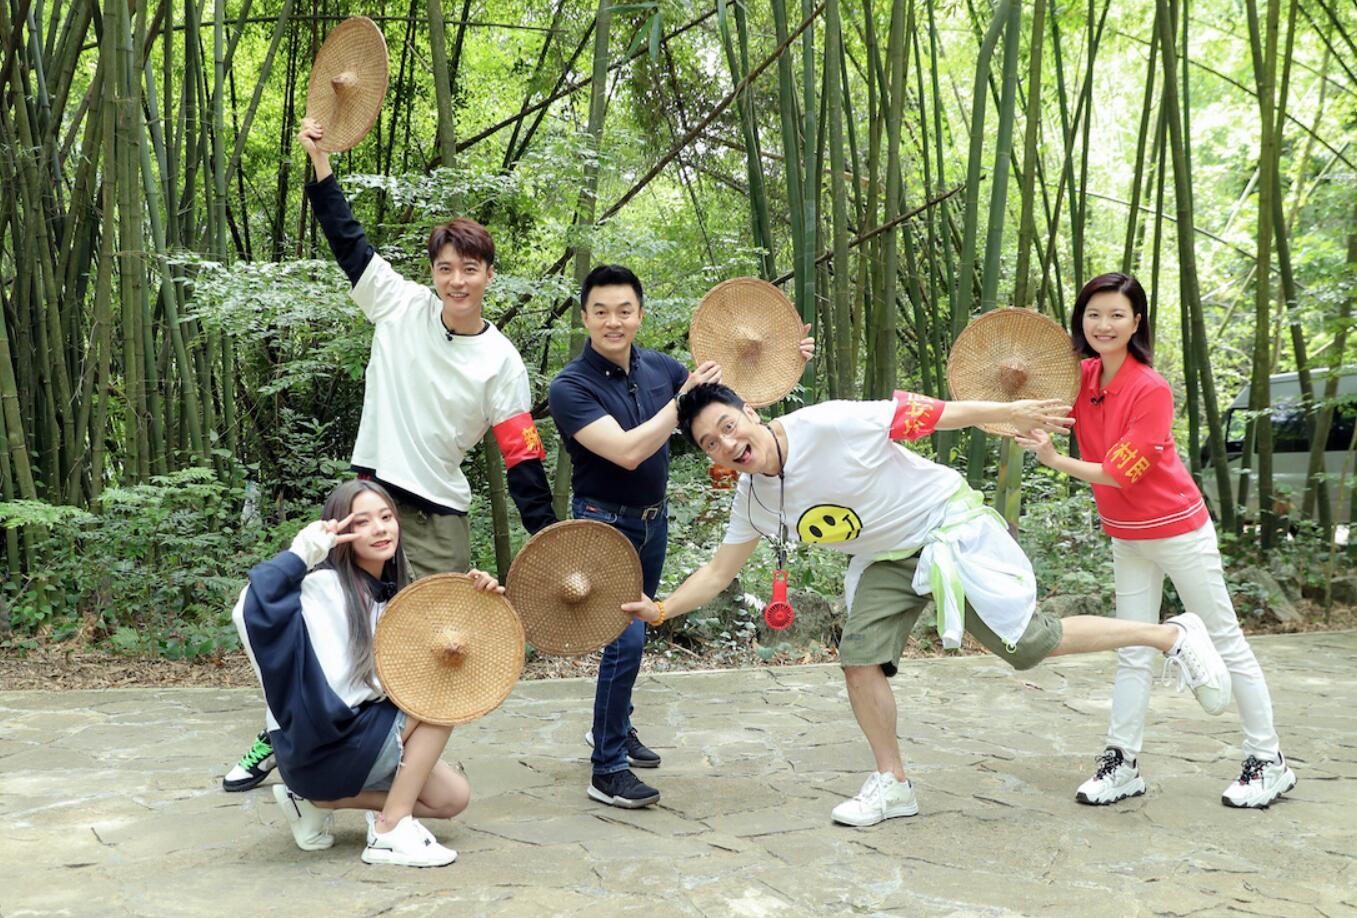 《我们在行动》第五季林依轮温妮乡村舞蹈